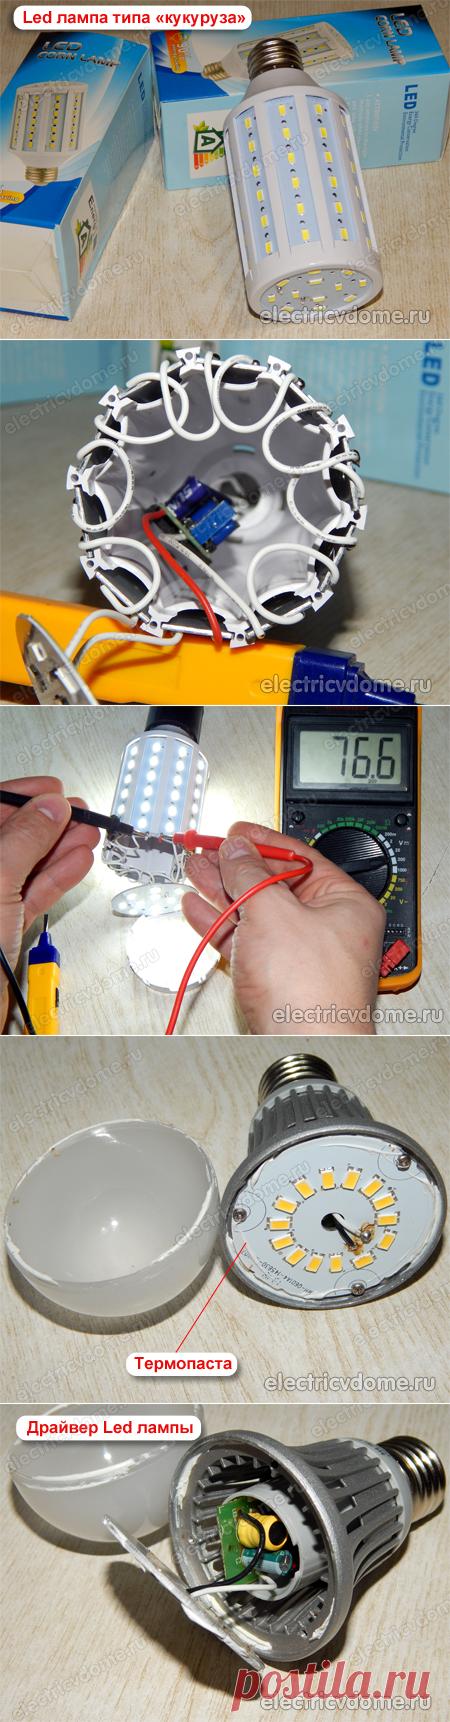 Светодиоды в схемах на 220 вольт